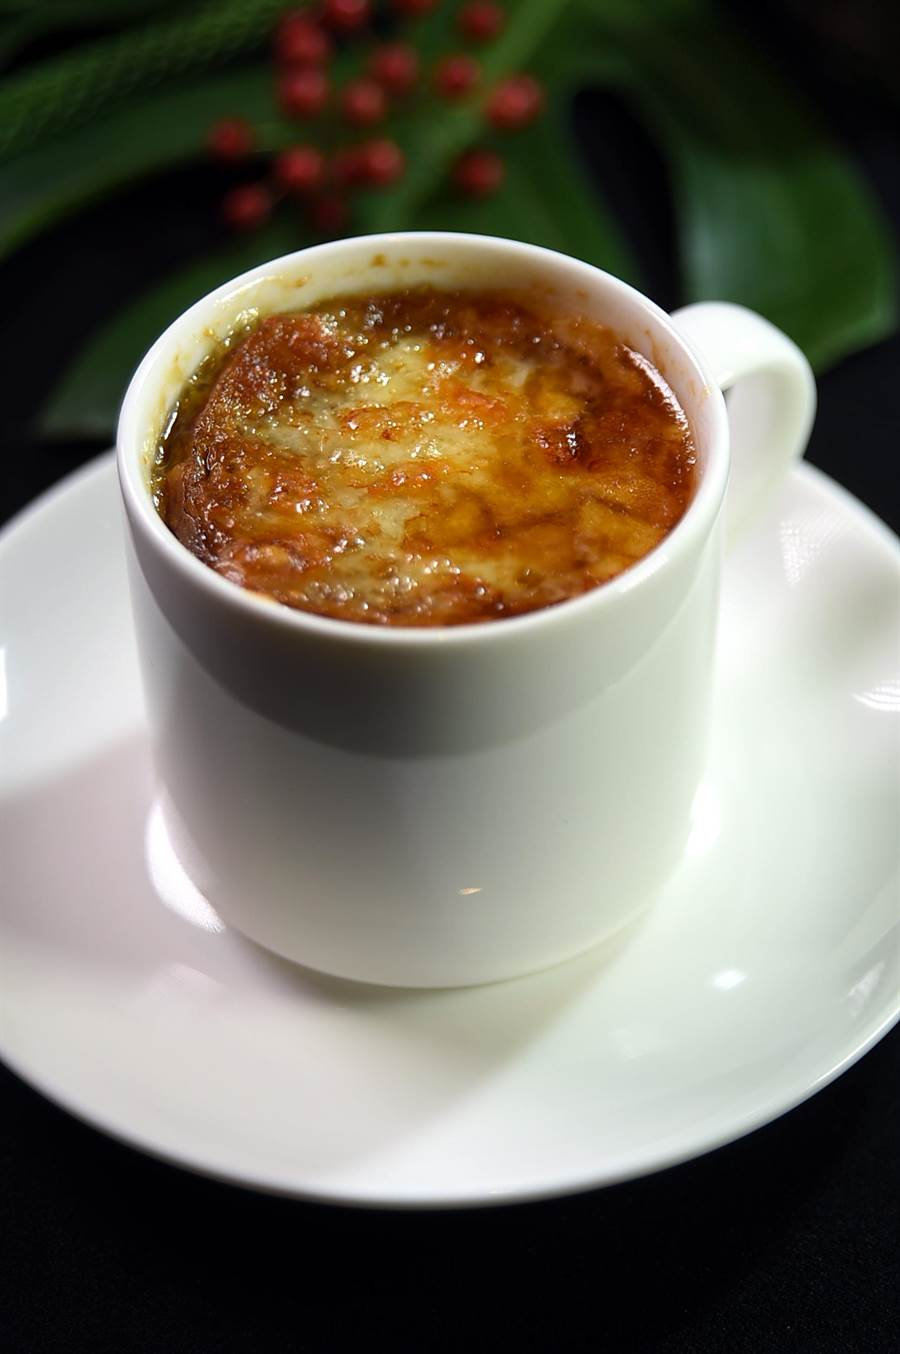 台北晶華〈ROBIN'S Grill〉的〈洋蔥湯〉,上層有厚厚的起司,喝時會「牽絲」。(圖/姚舜)